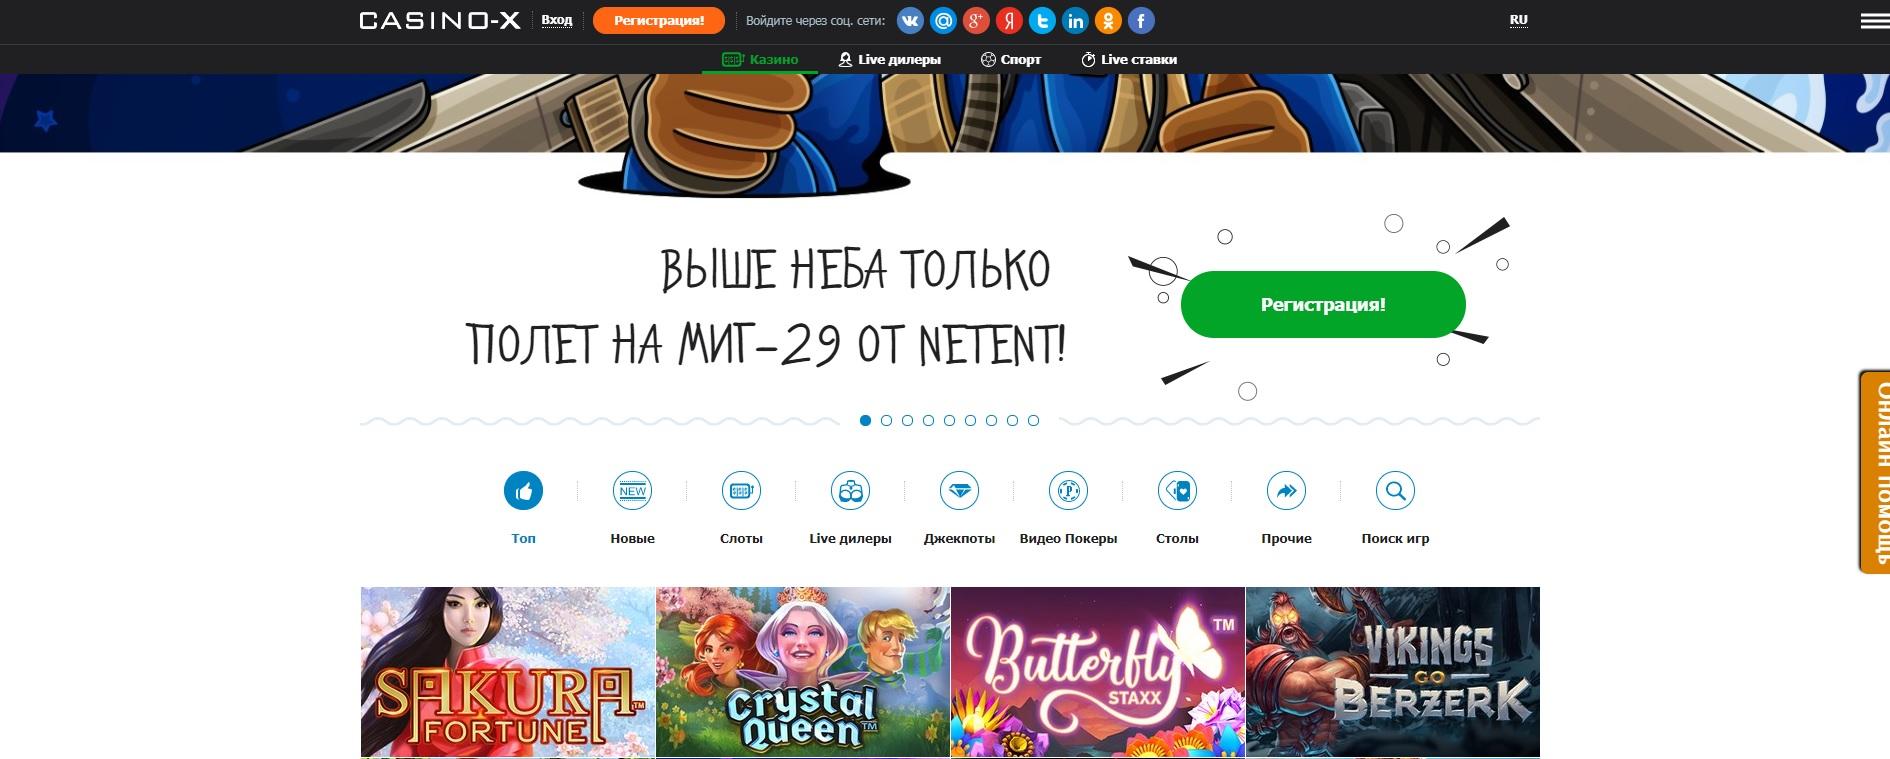 казино х регистрация